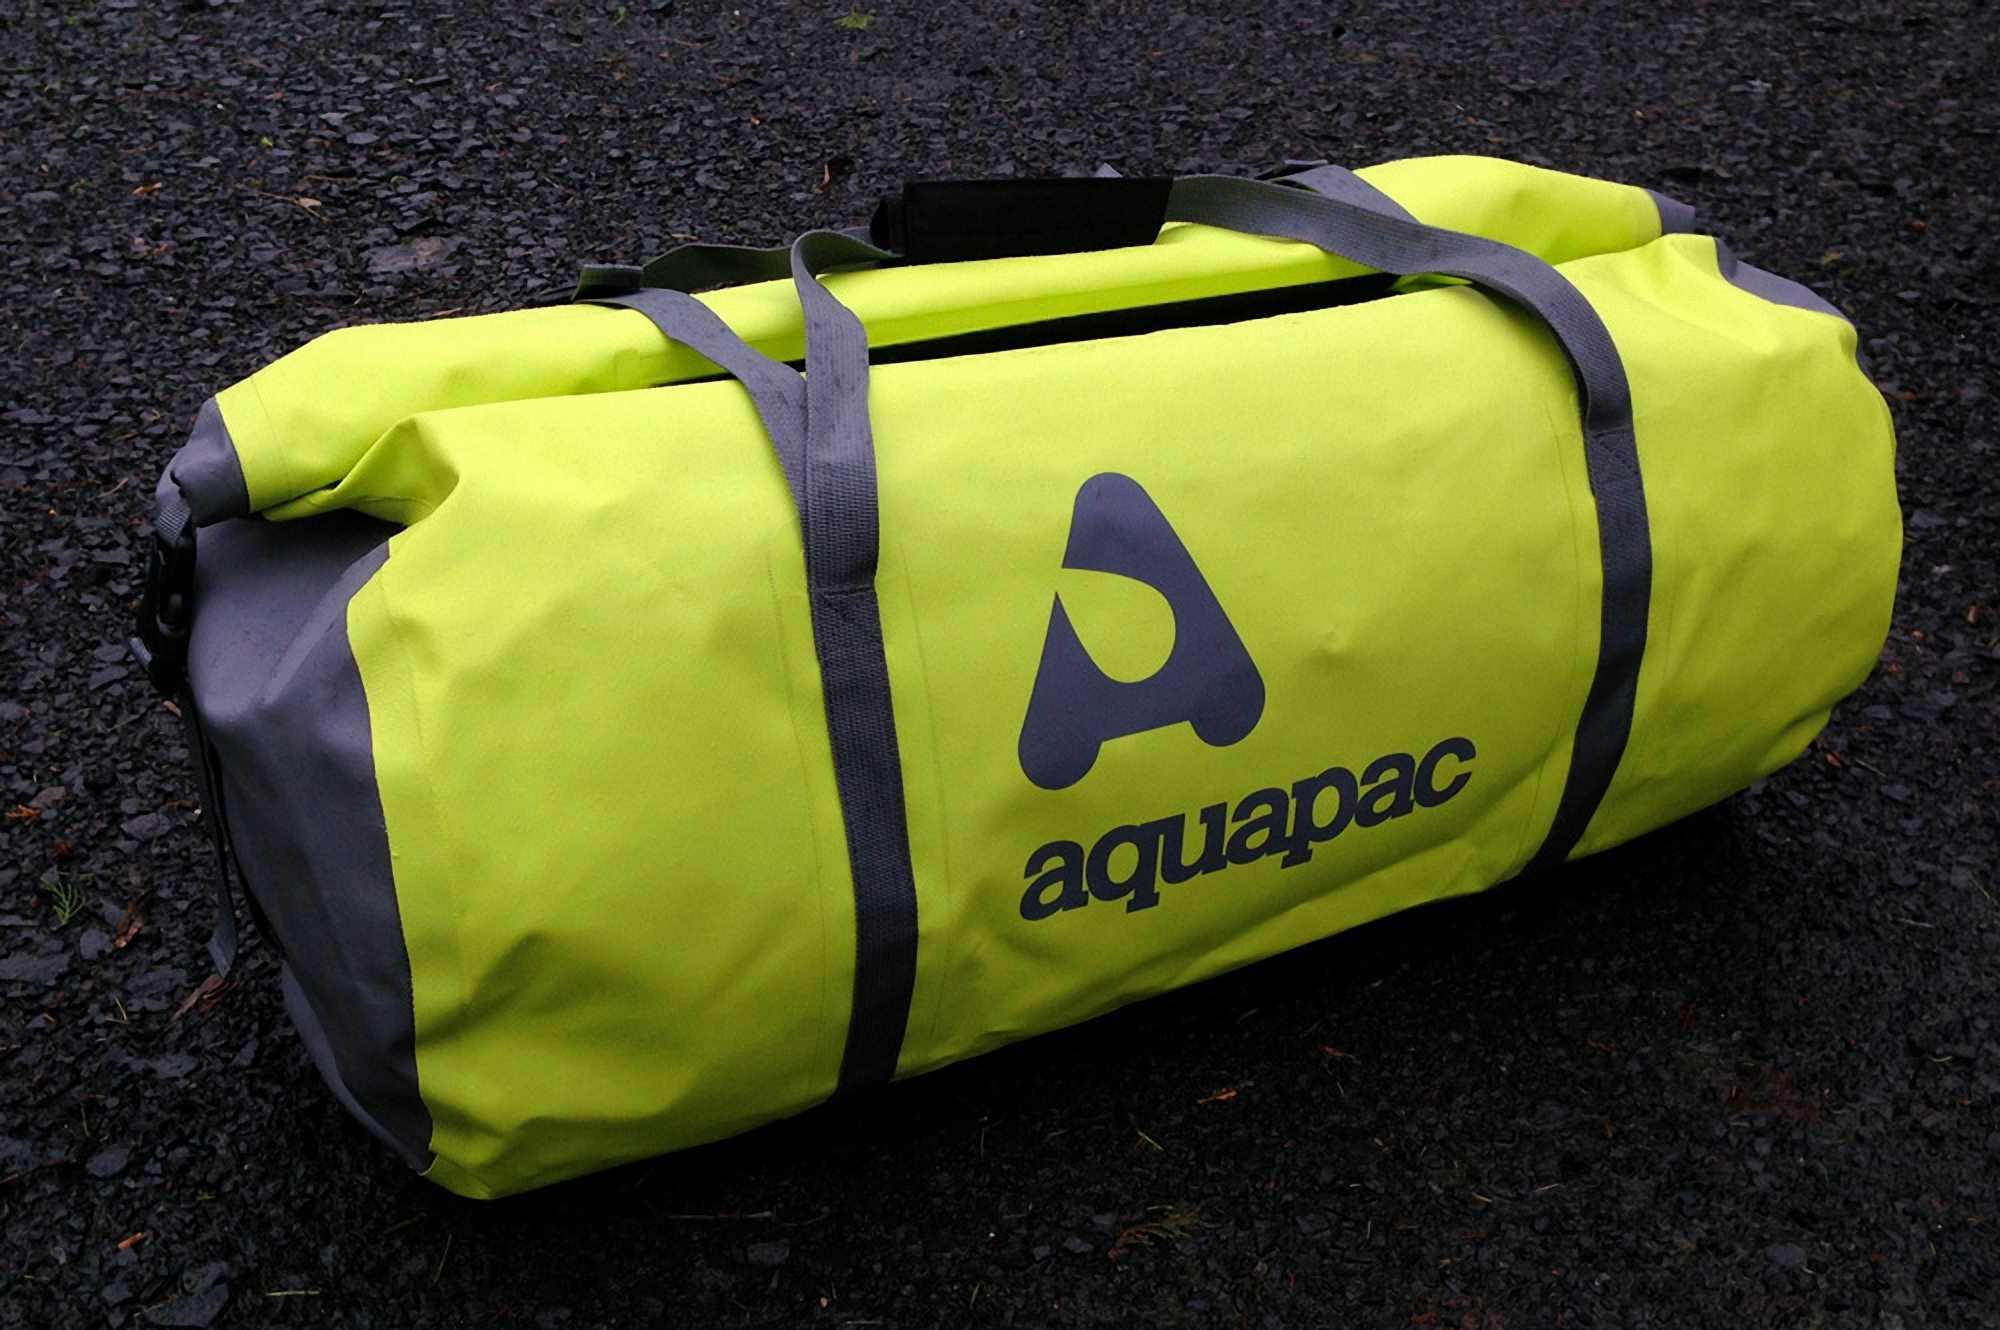 Водонепроницаемая сумка Aquapac 723 - TrailProof Duffels - 70L.. Aquapac - №1 в мире водонепроницаемых чехлов и сумок. Фото 1